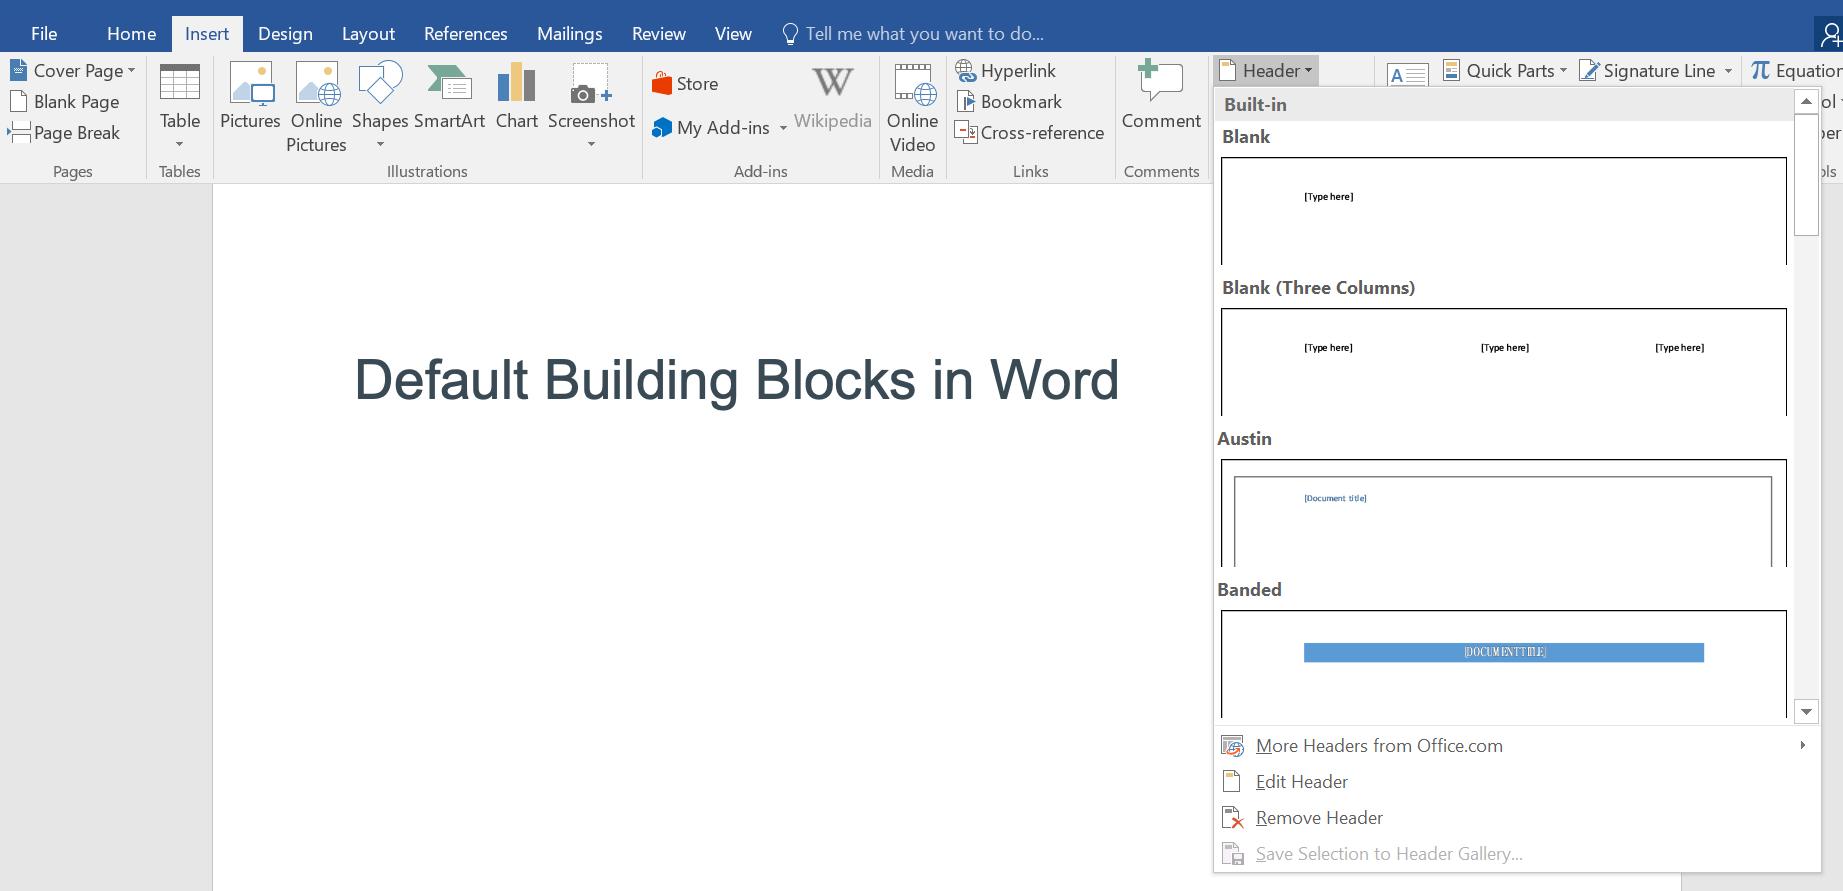 Default Building Blocks in Microsoft Word